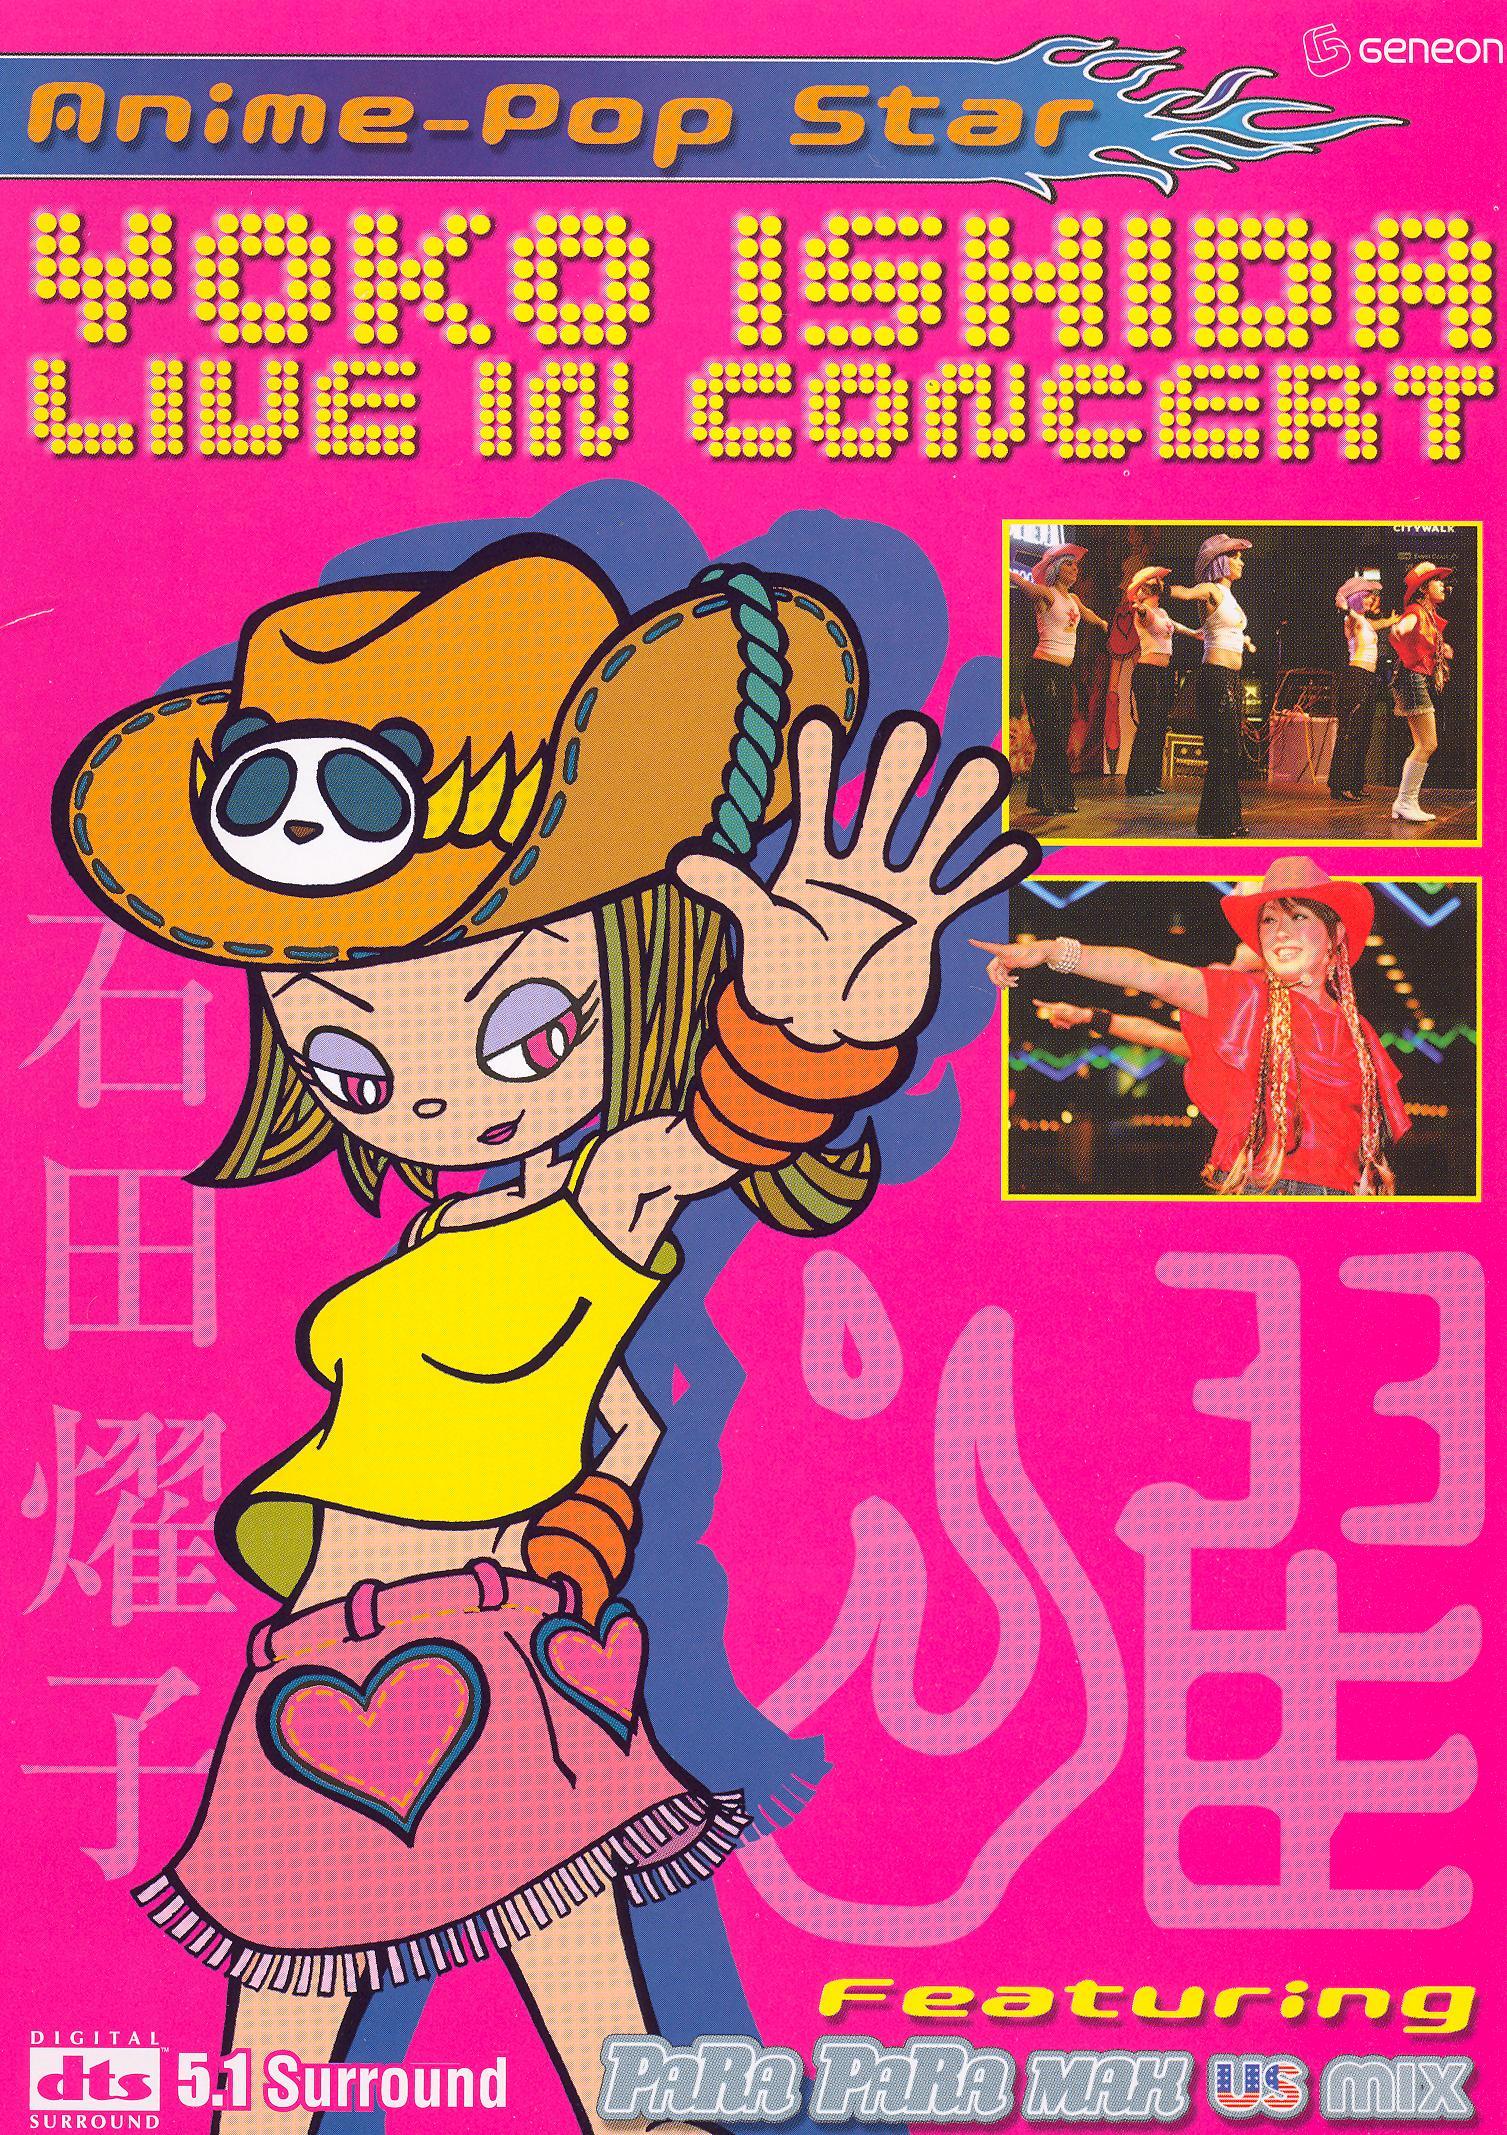 Yoko Ishida: Live in Concert